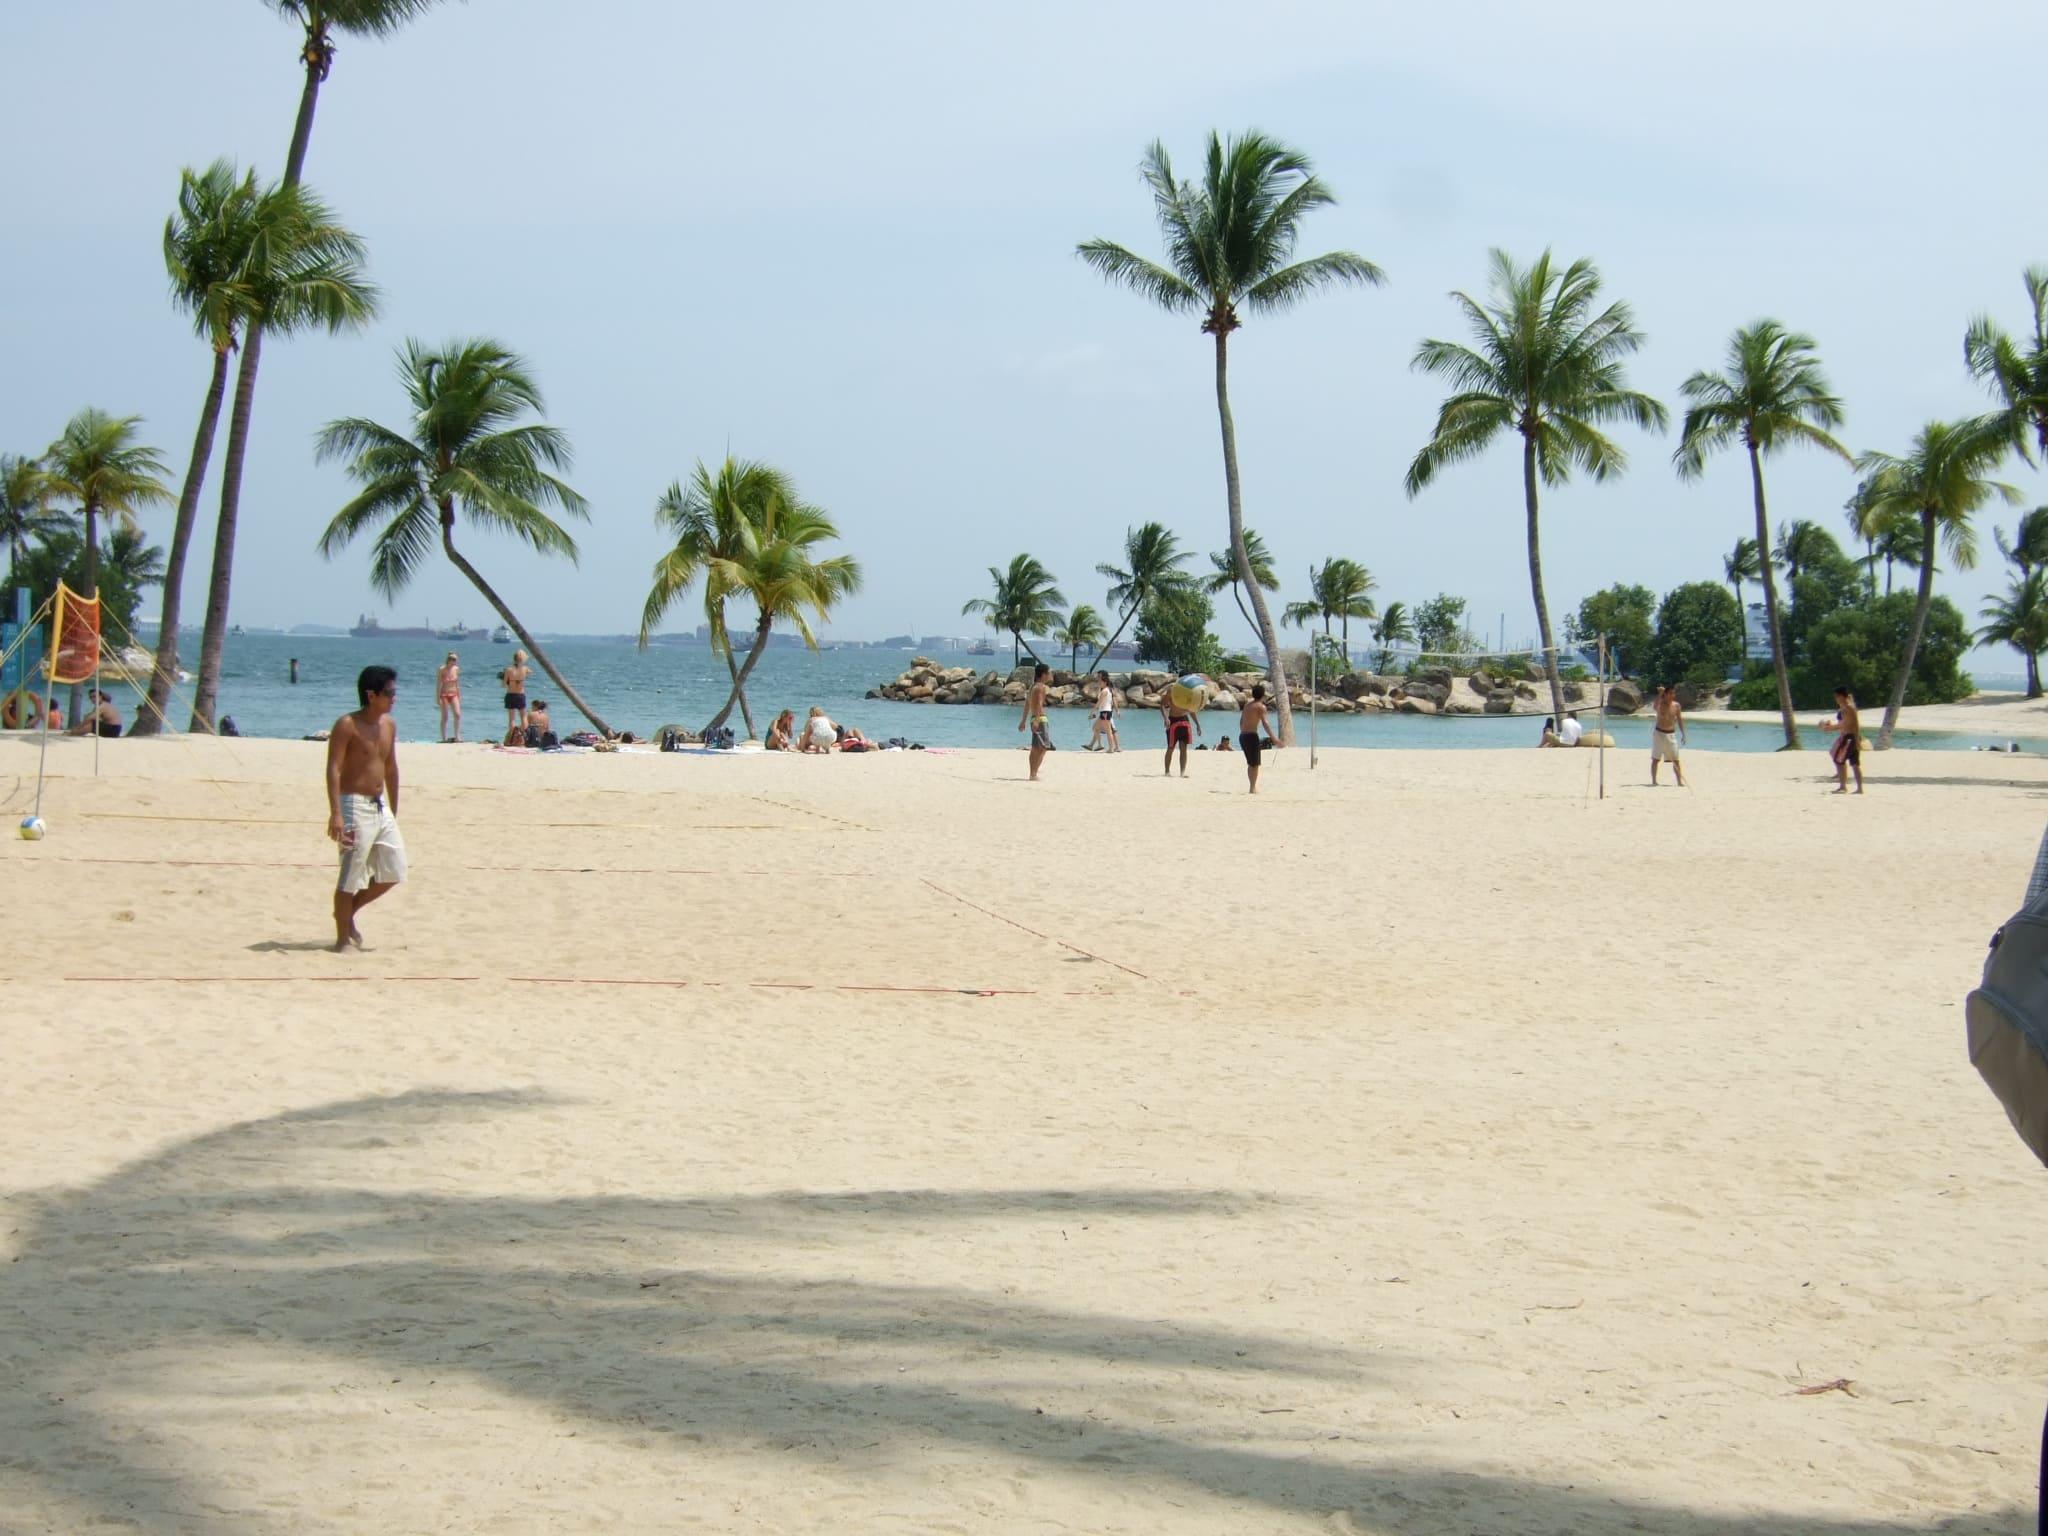 bãi biển ở đảo sentosa là một trong những điểm đến ở singapore cho hội độc thân